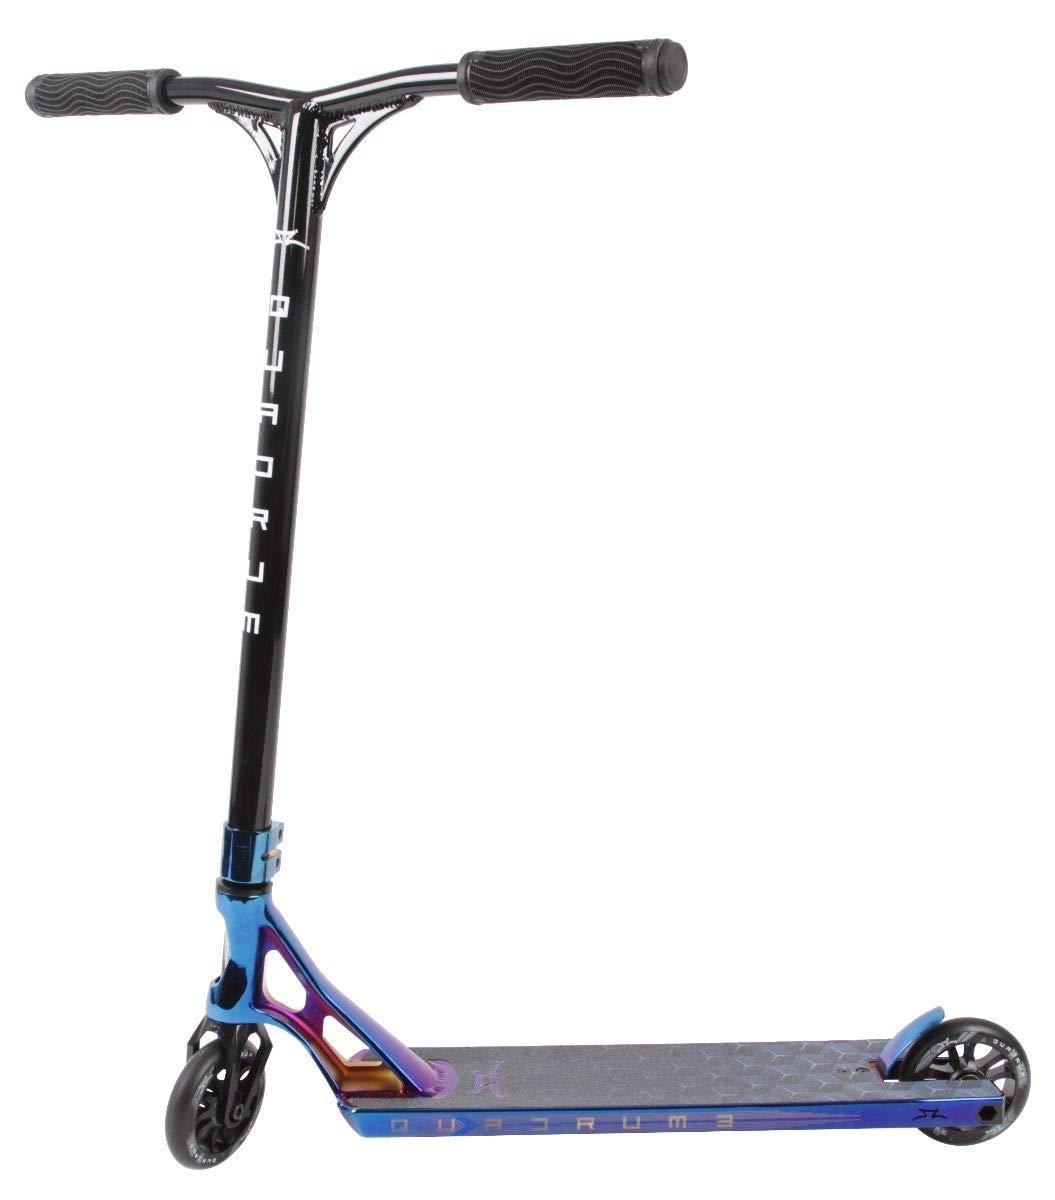 AO Quadrum 3 Complete Pro Scooter Burntpipe